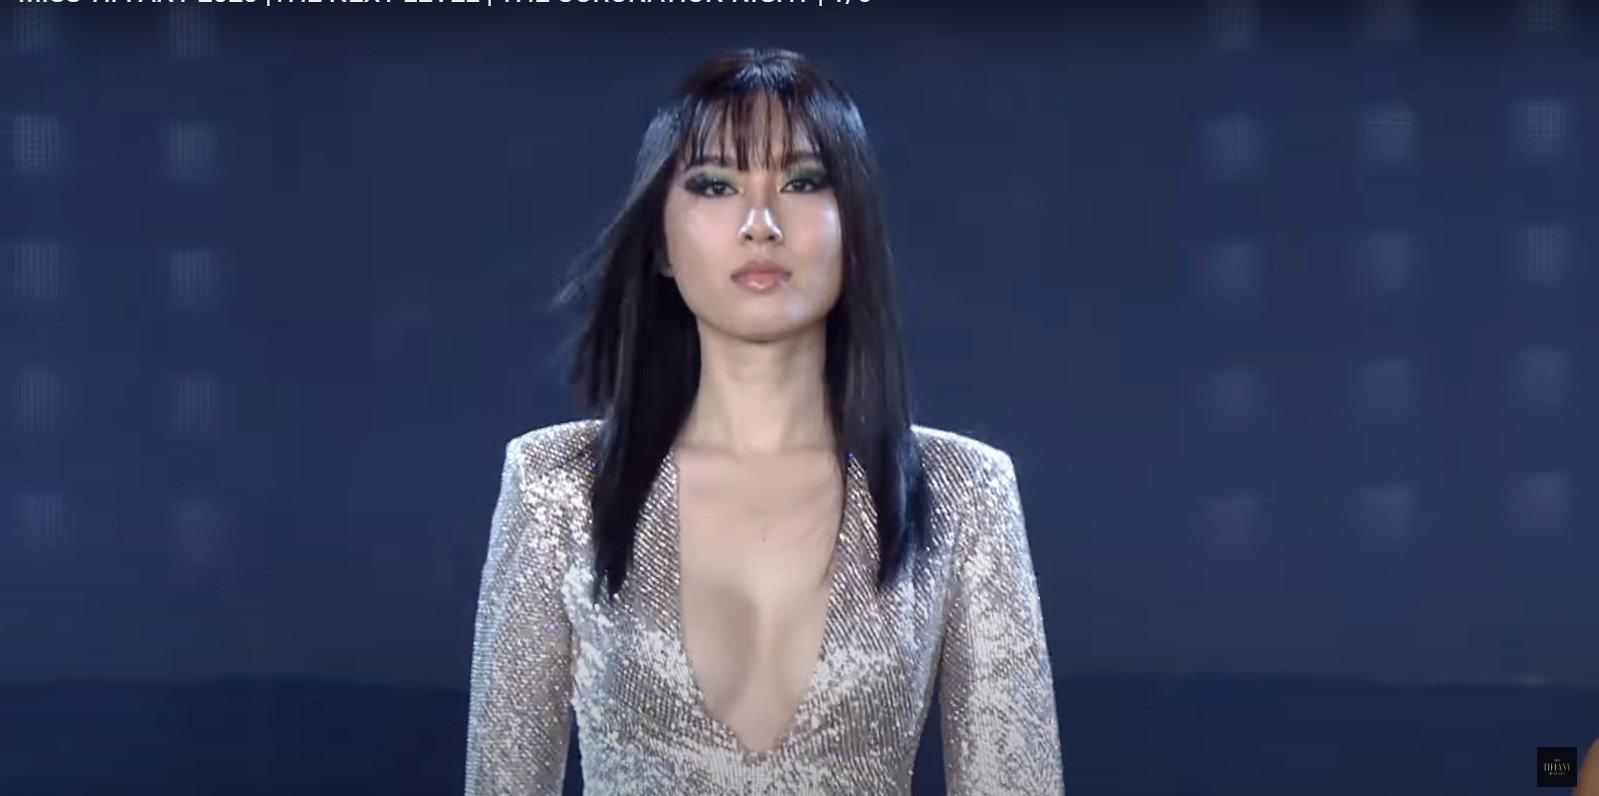 """Từng được hô tên """"Hoa hậu Chuyển giới đẹp nhất Thái Lan"""", Nong Poy giờ mờ nhạt nhan sắc - 7"""